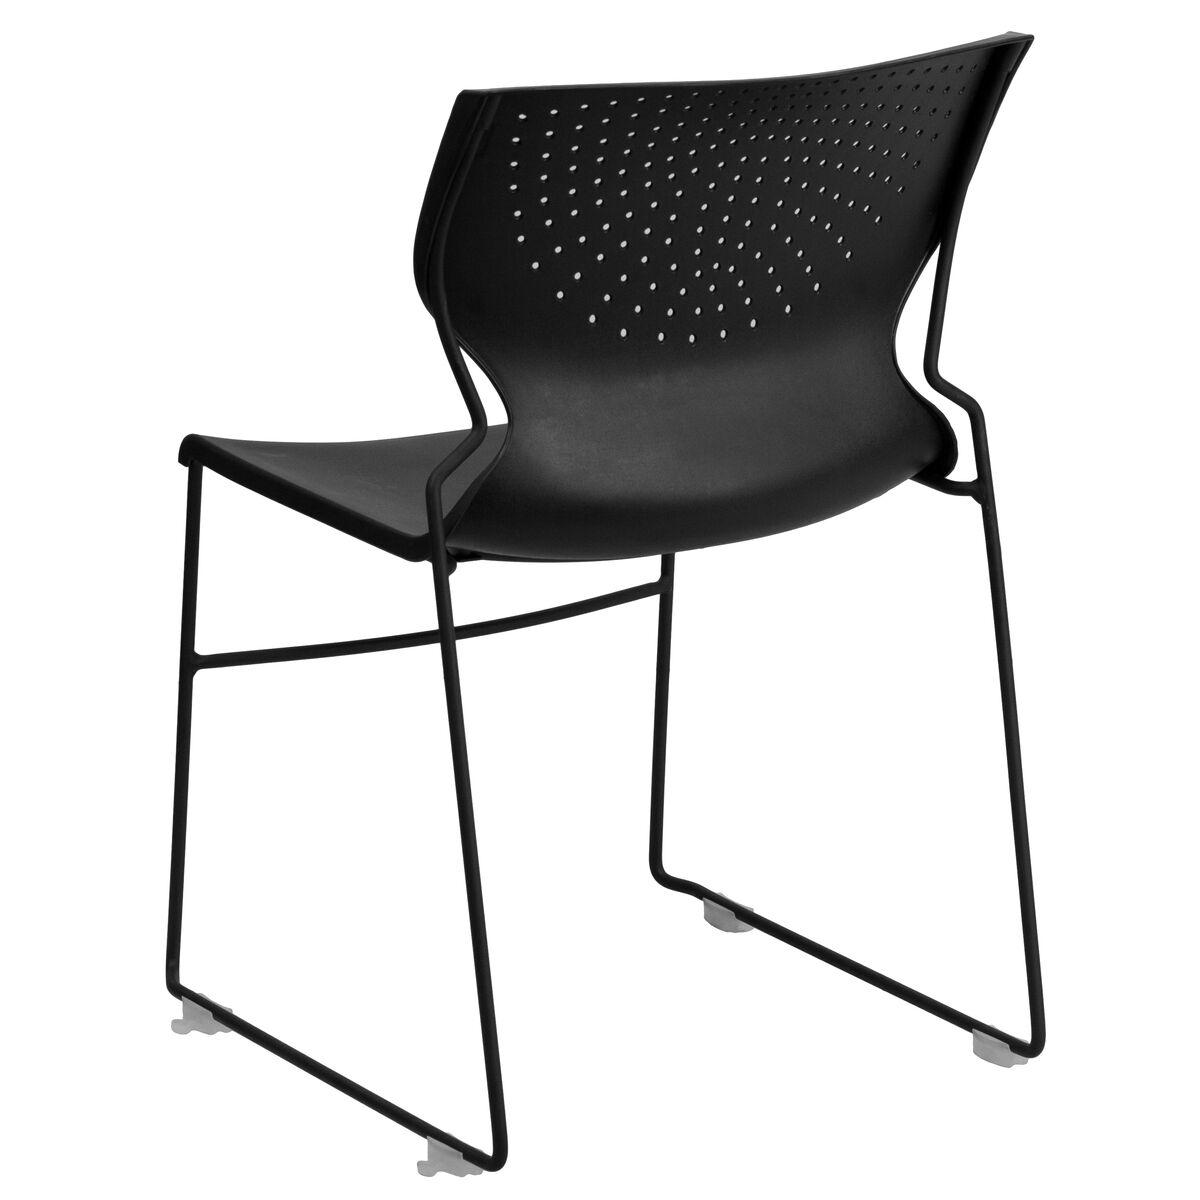 black plastic stack chair rut 438 bk gg. Black Bedroom Furniture Sets. Home Design Ideas